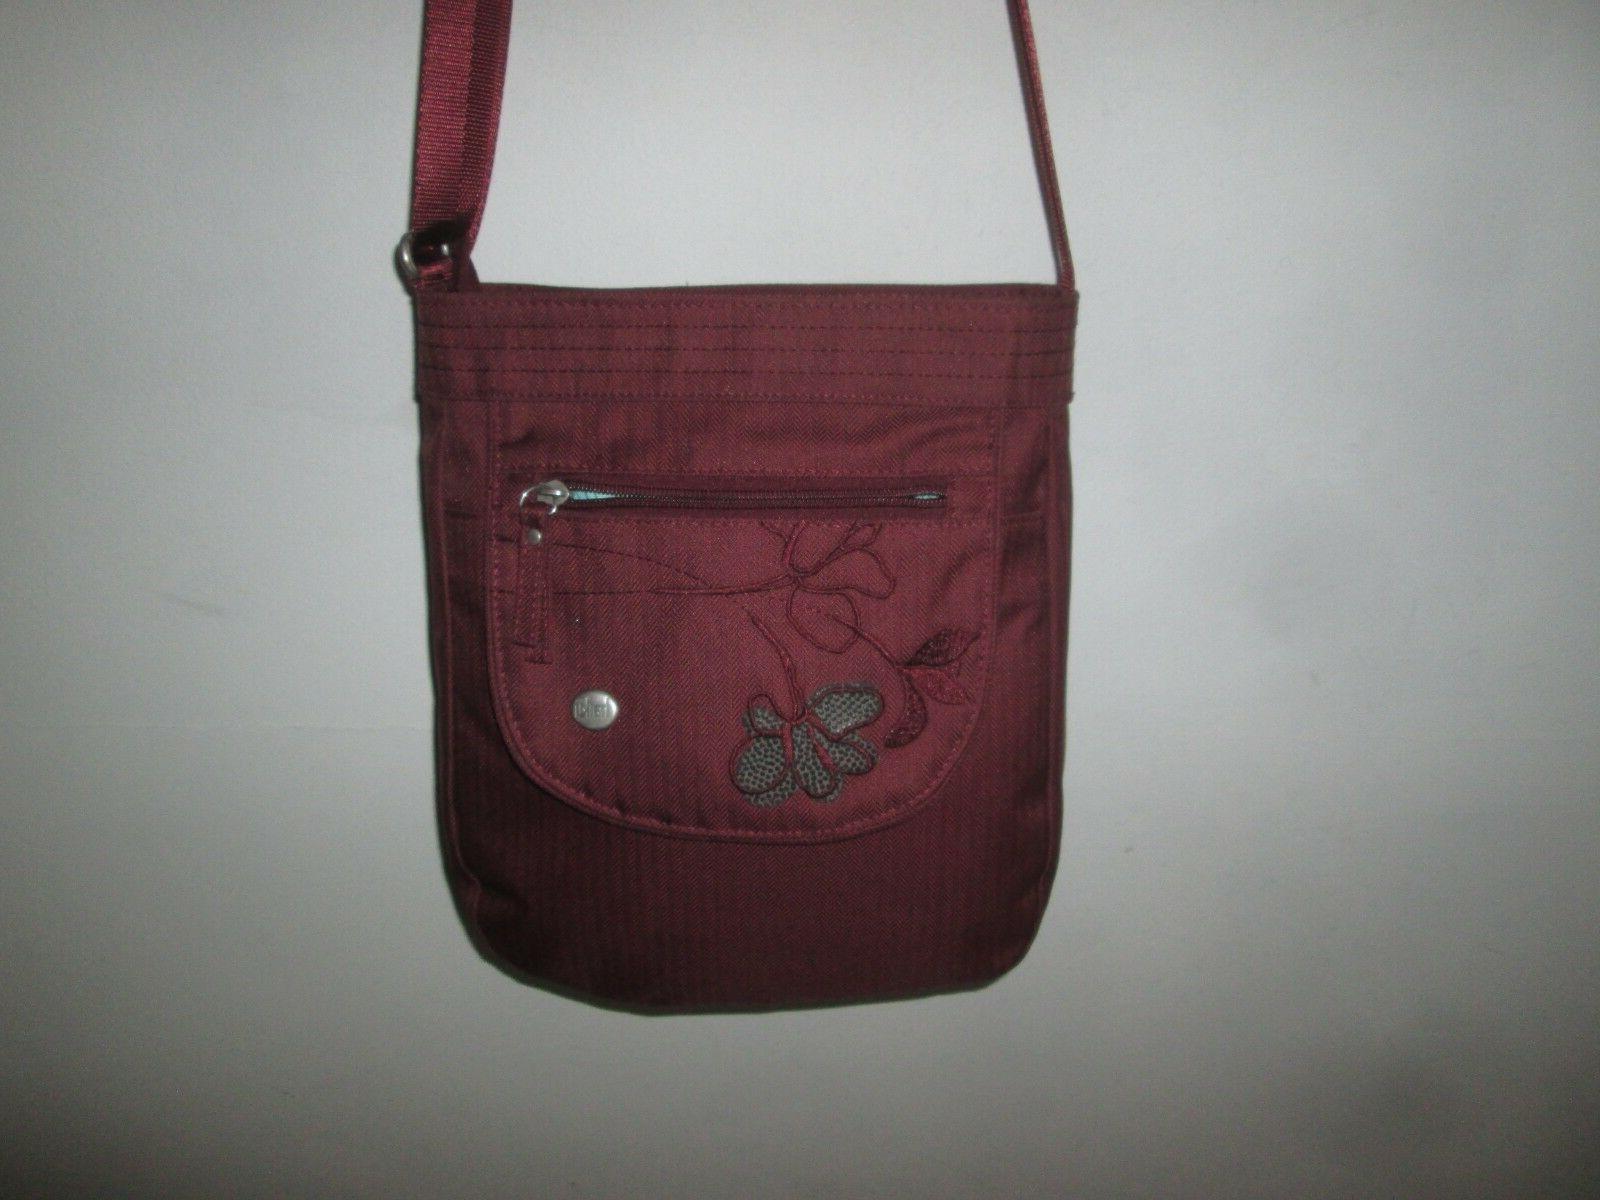 new andorra jaunt rfid crossbody handbag purse